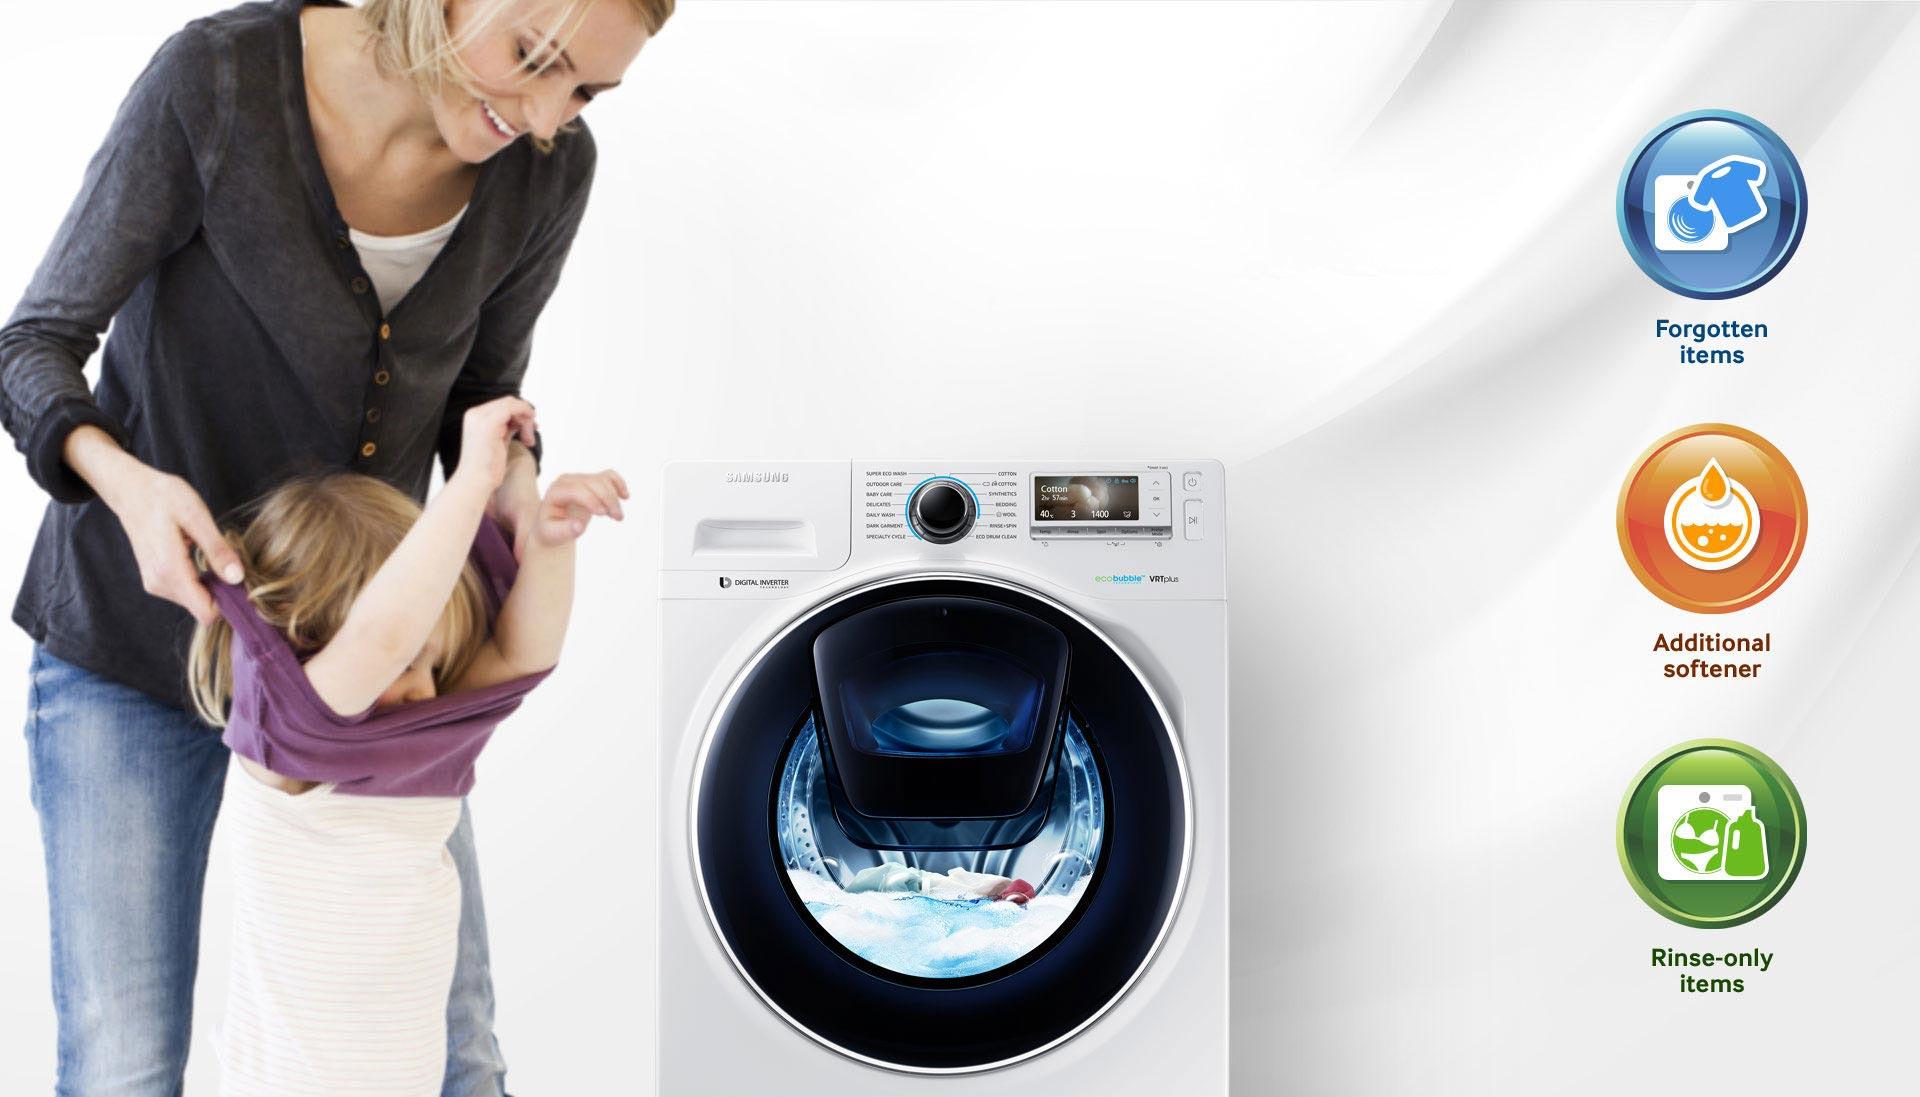 ماشین لباسشویی سامسونگ 9 کیلویی P1494 تسمه ای سفید